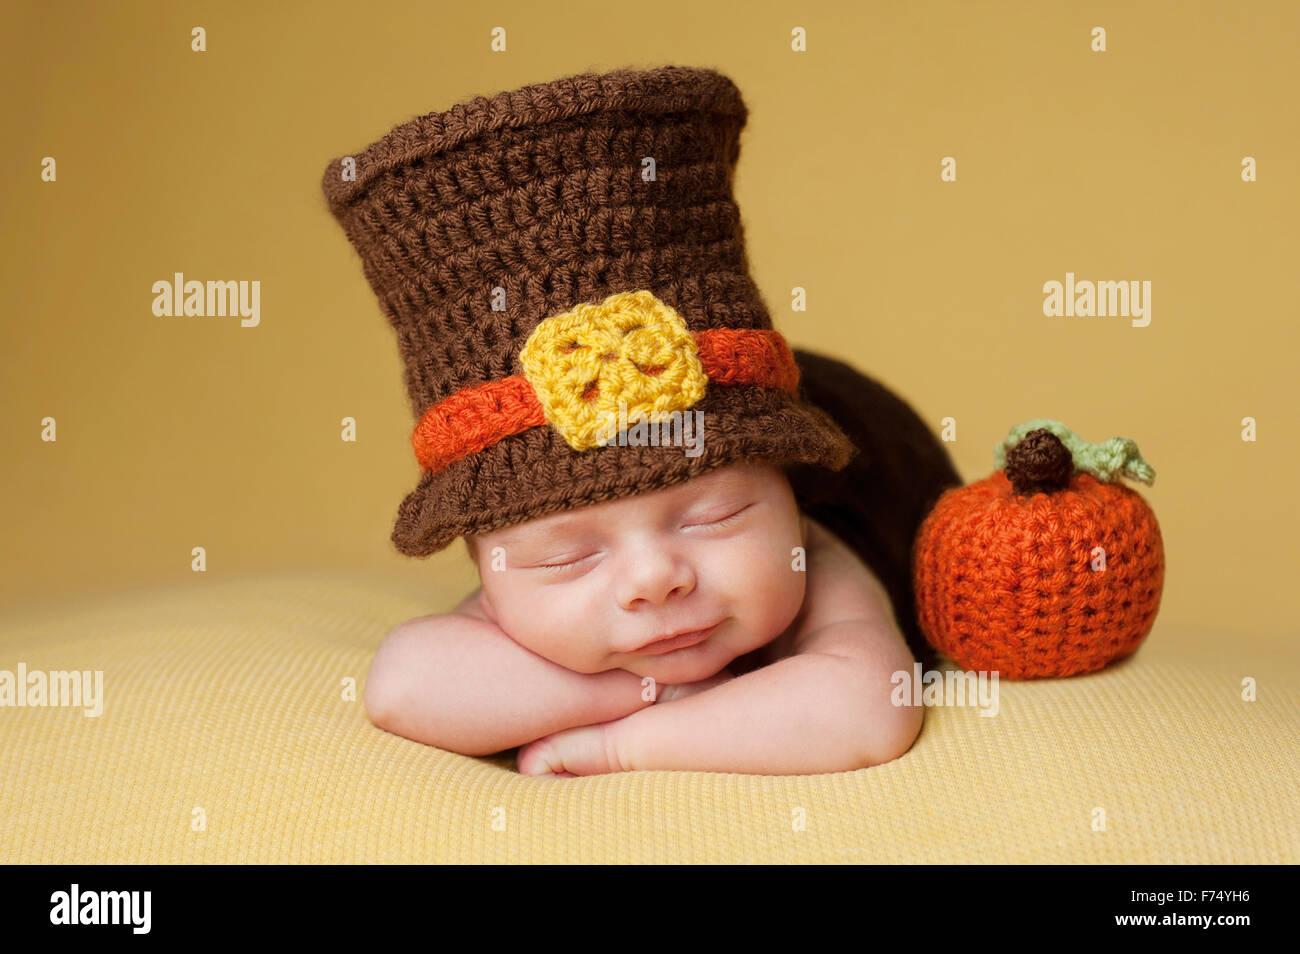 82ab53052 Cuatro semanas sonriente bebé recién nacido niño usando un sombrero de  peregrino de ganchillo. Duerme